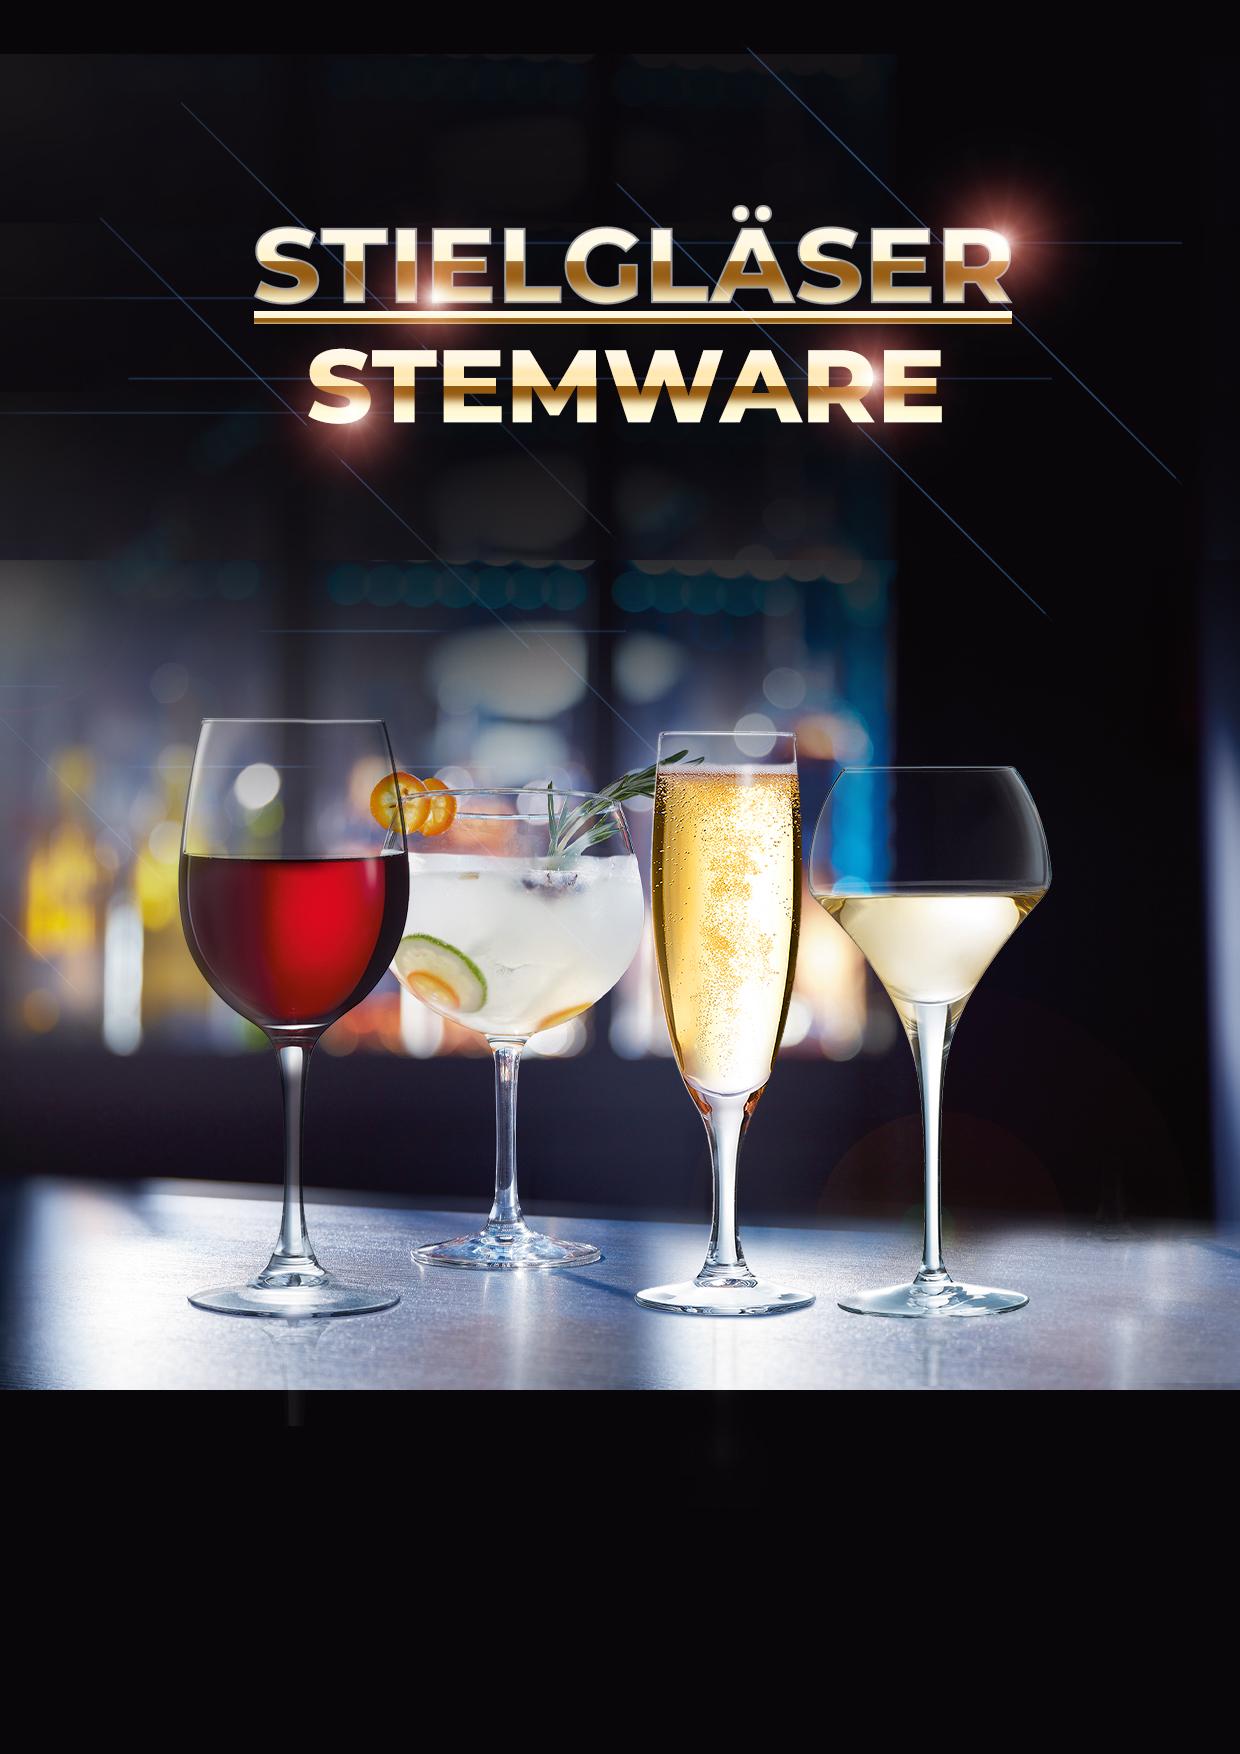 Stielgläser, Stemware, Cocktailglas, Sektglas, Sektflöte, Weinglas